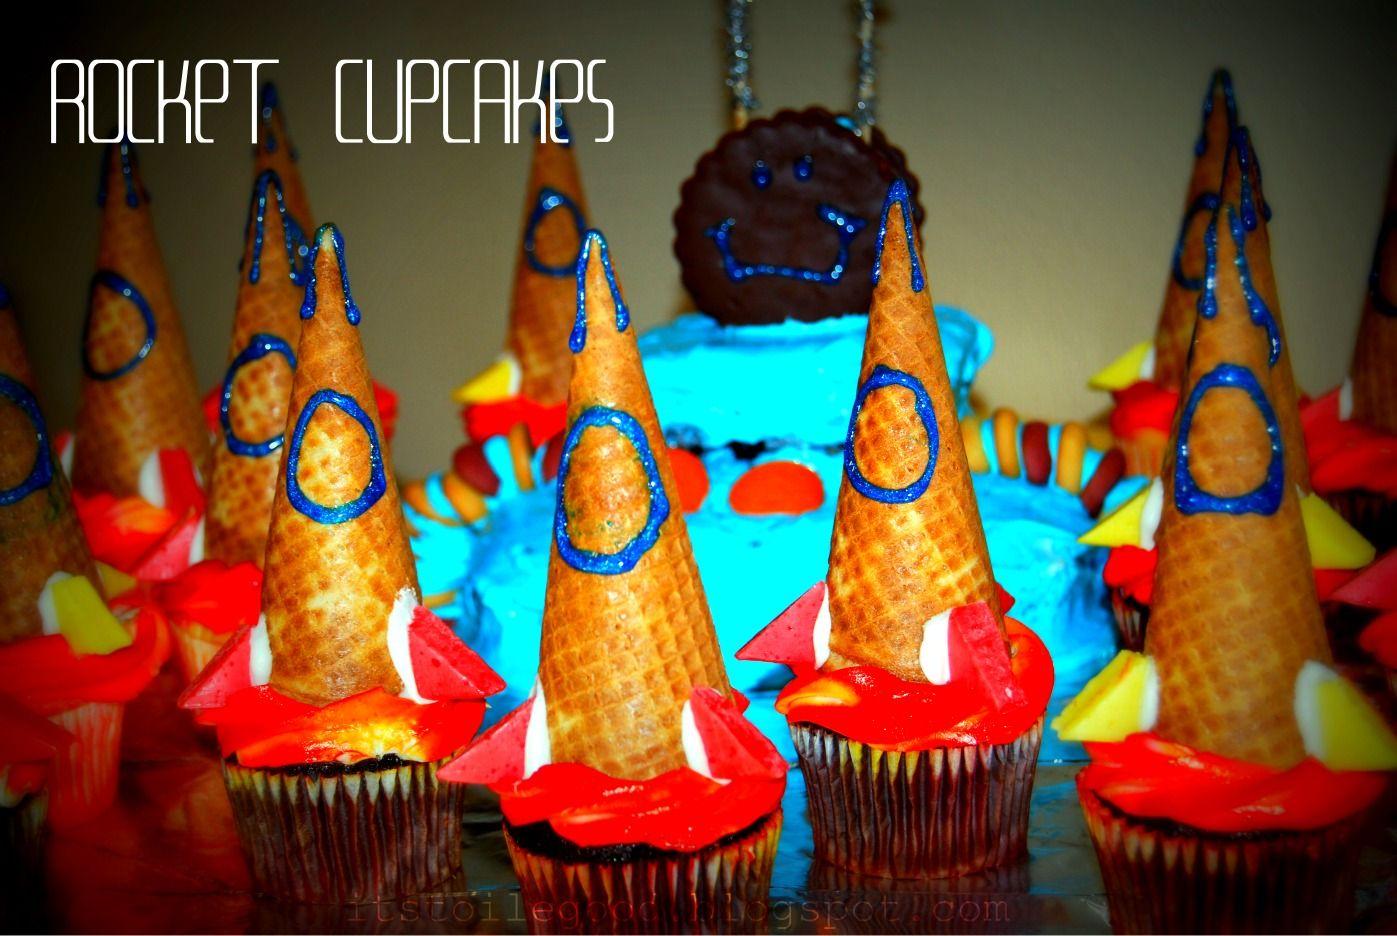 Rocket Cupcakes Scouting